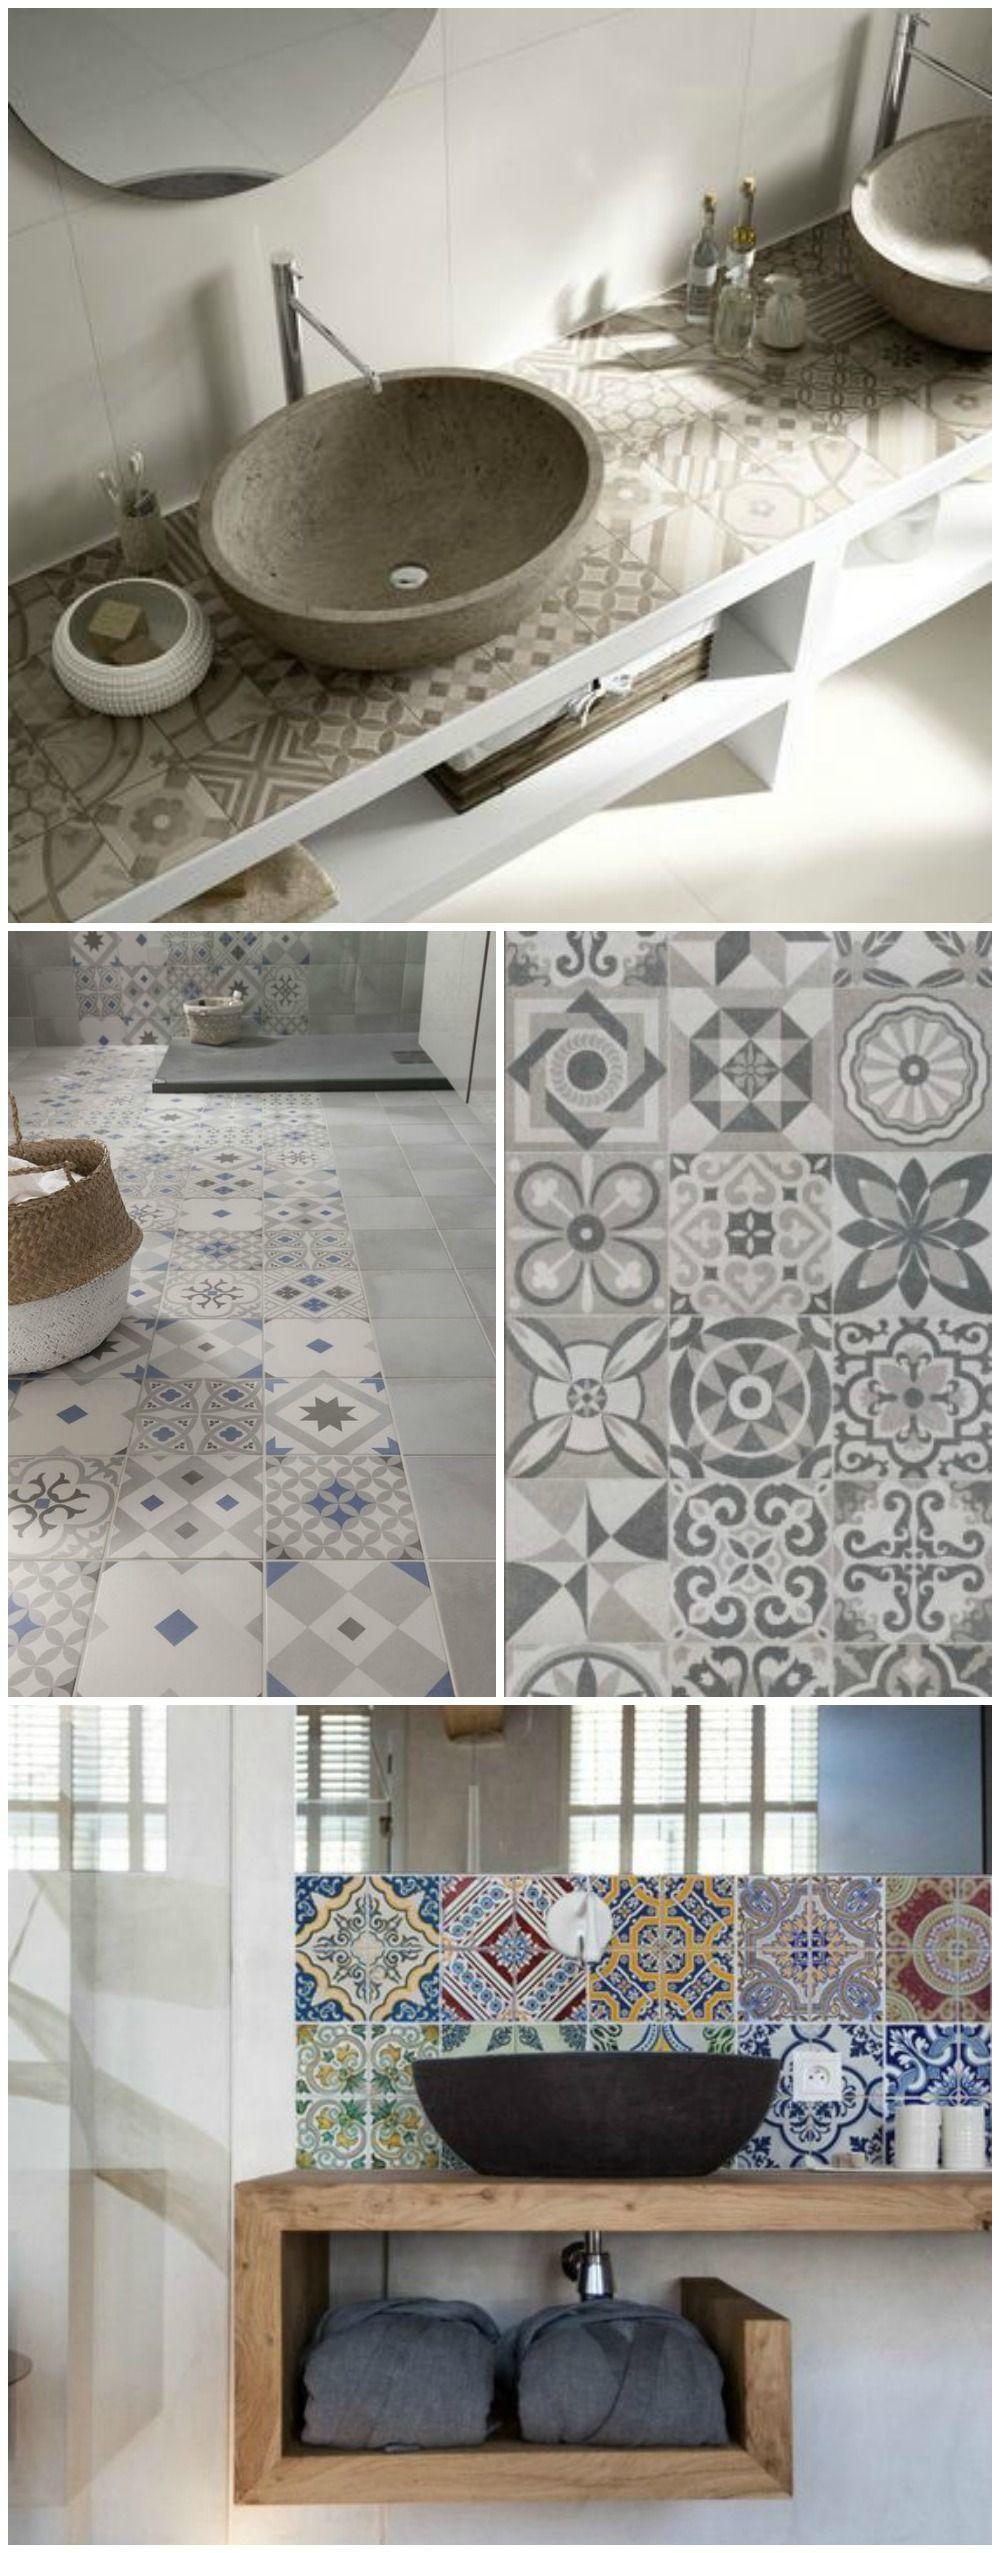 piastrelle per bagno diverse stile anticato con decorazioni arredo ...